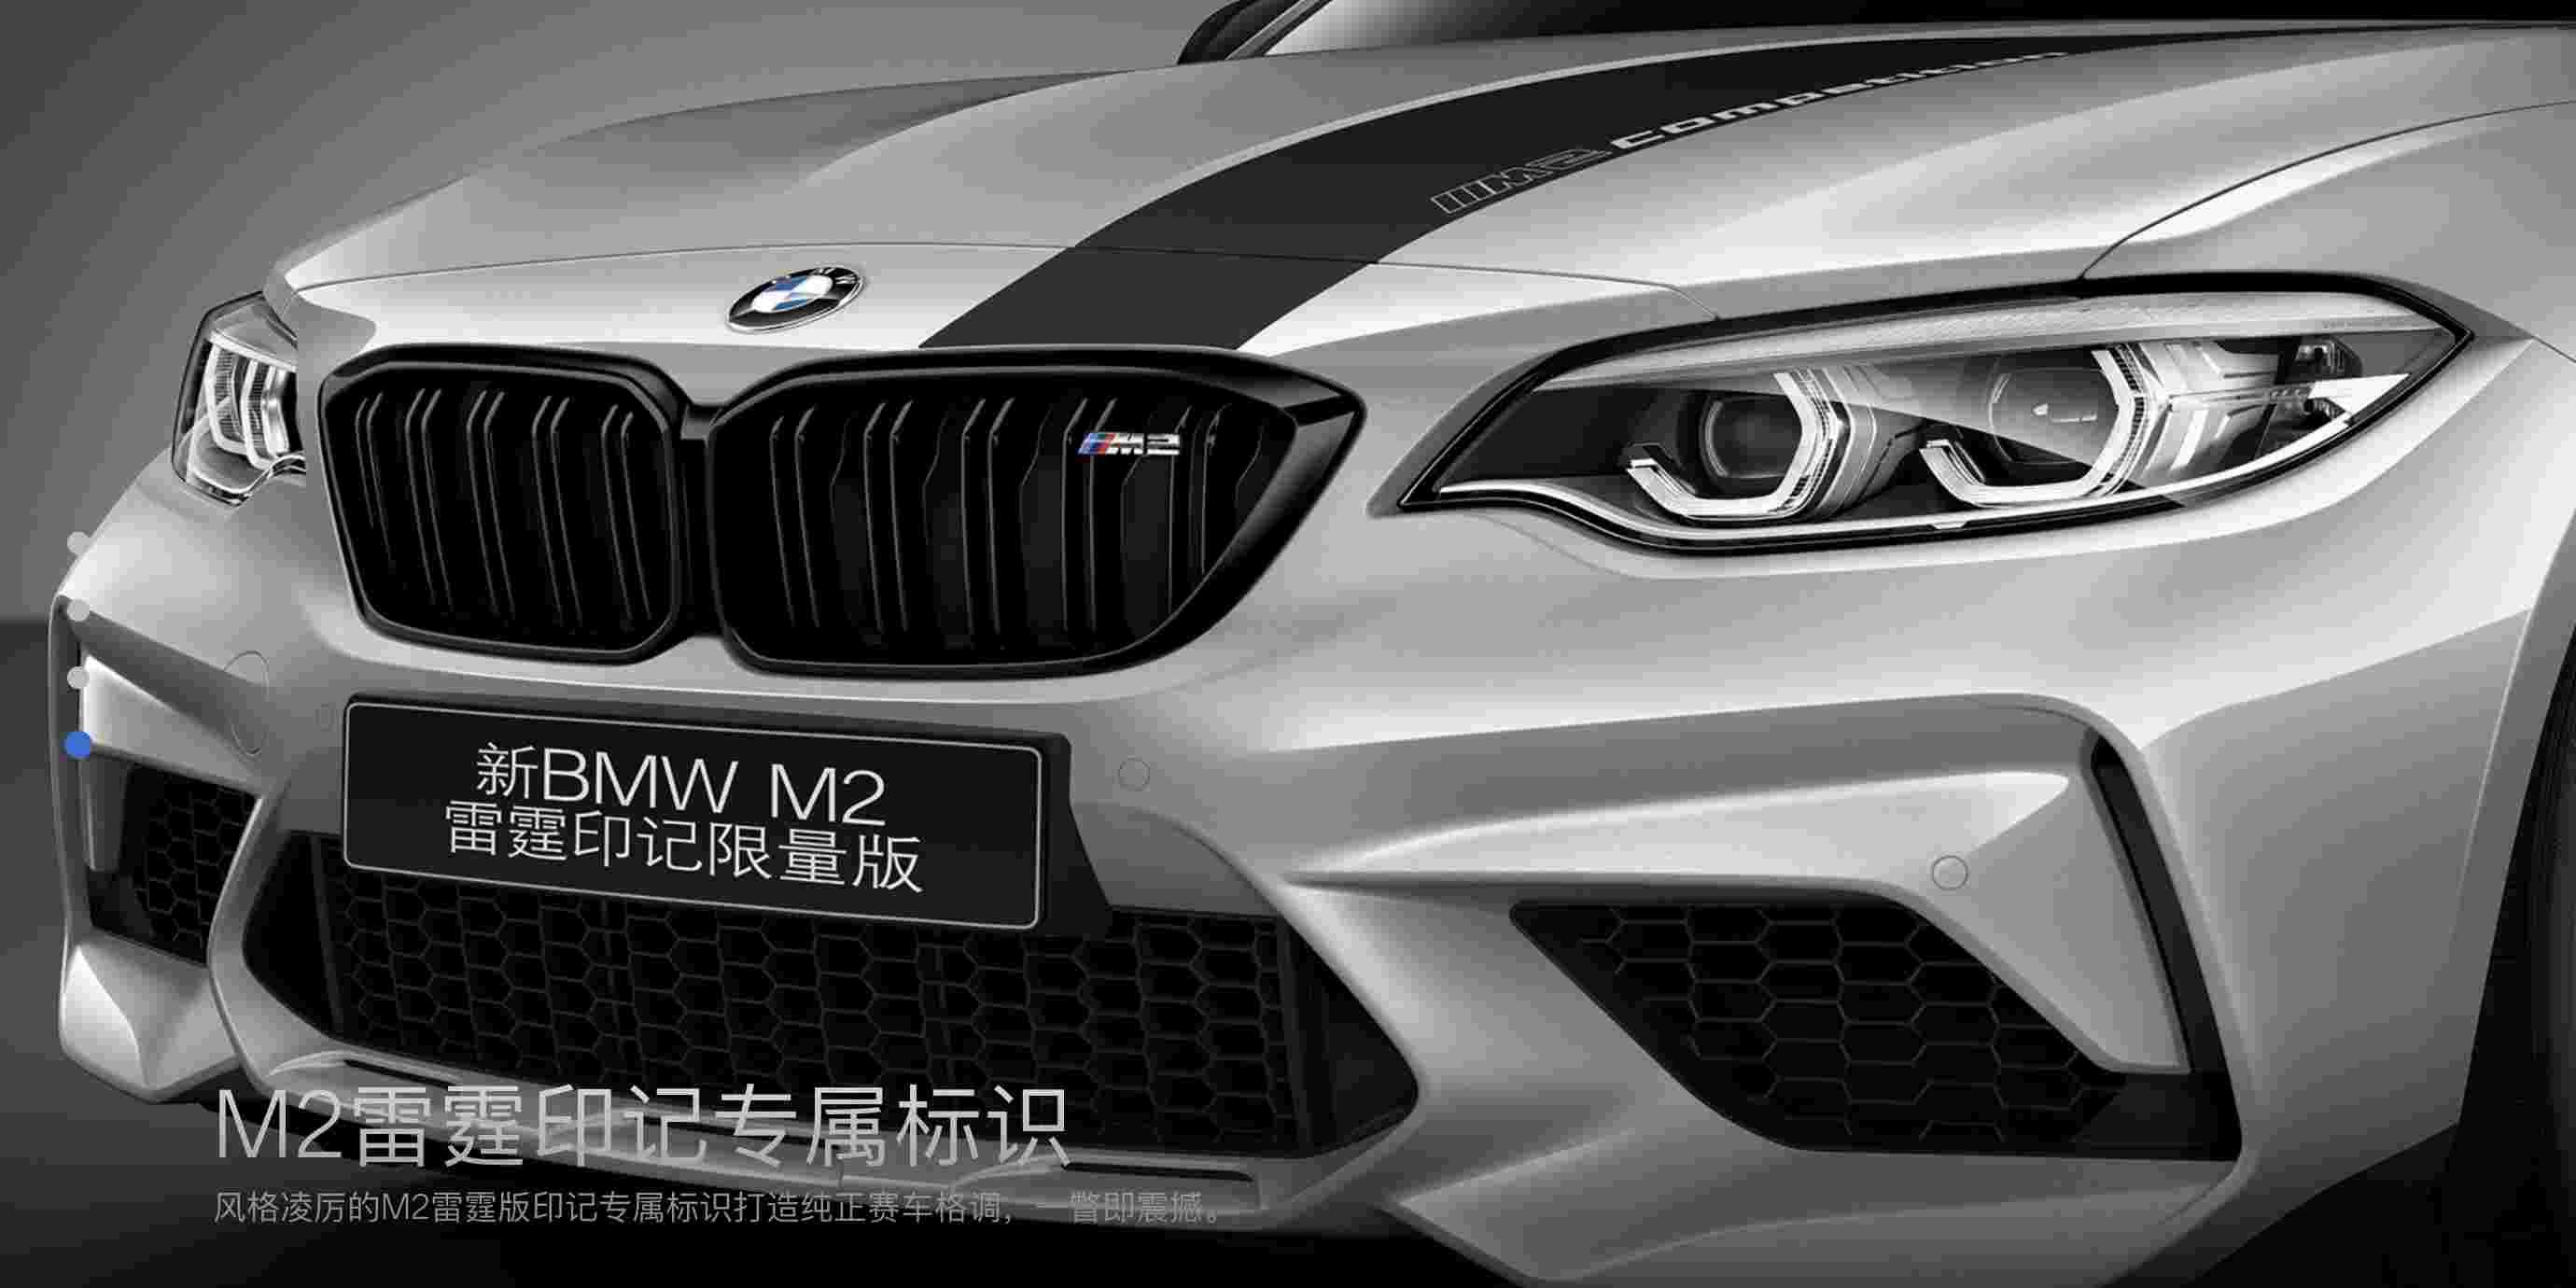 宝马M2雷霆印记限量版正式上市 售64.38万元